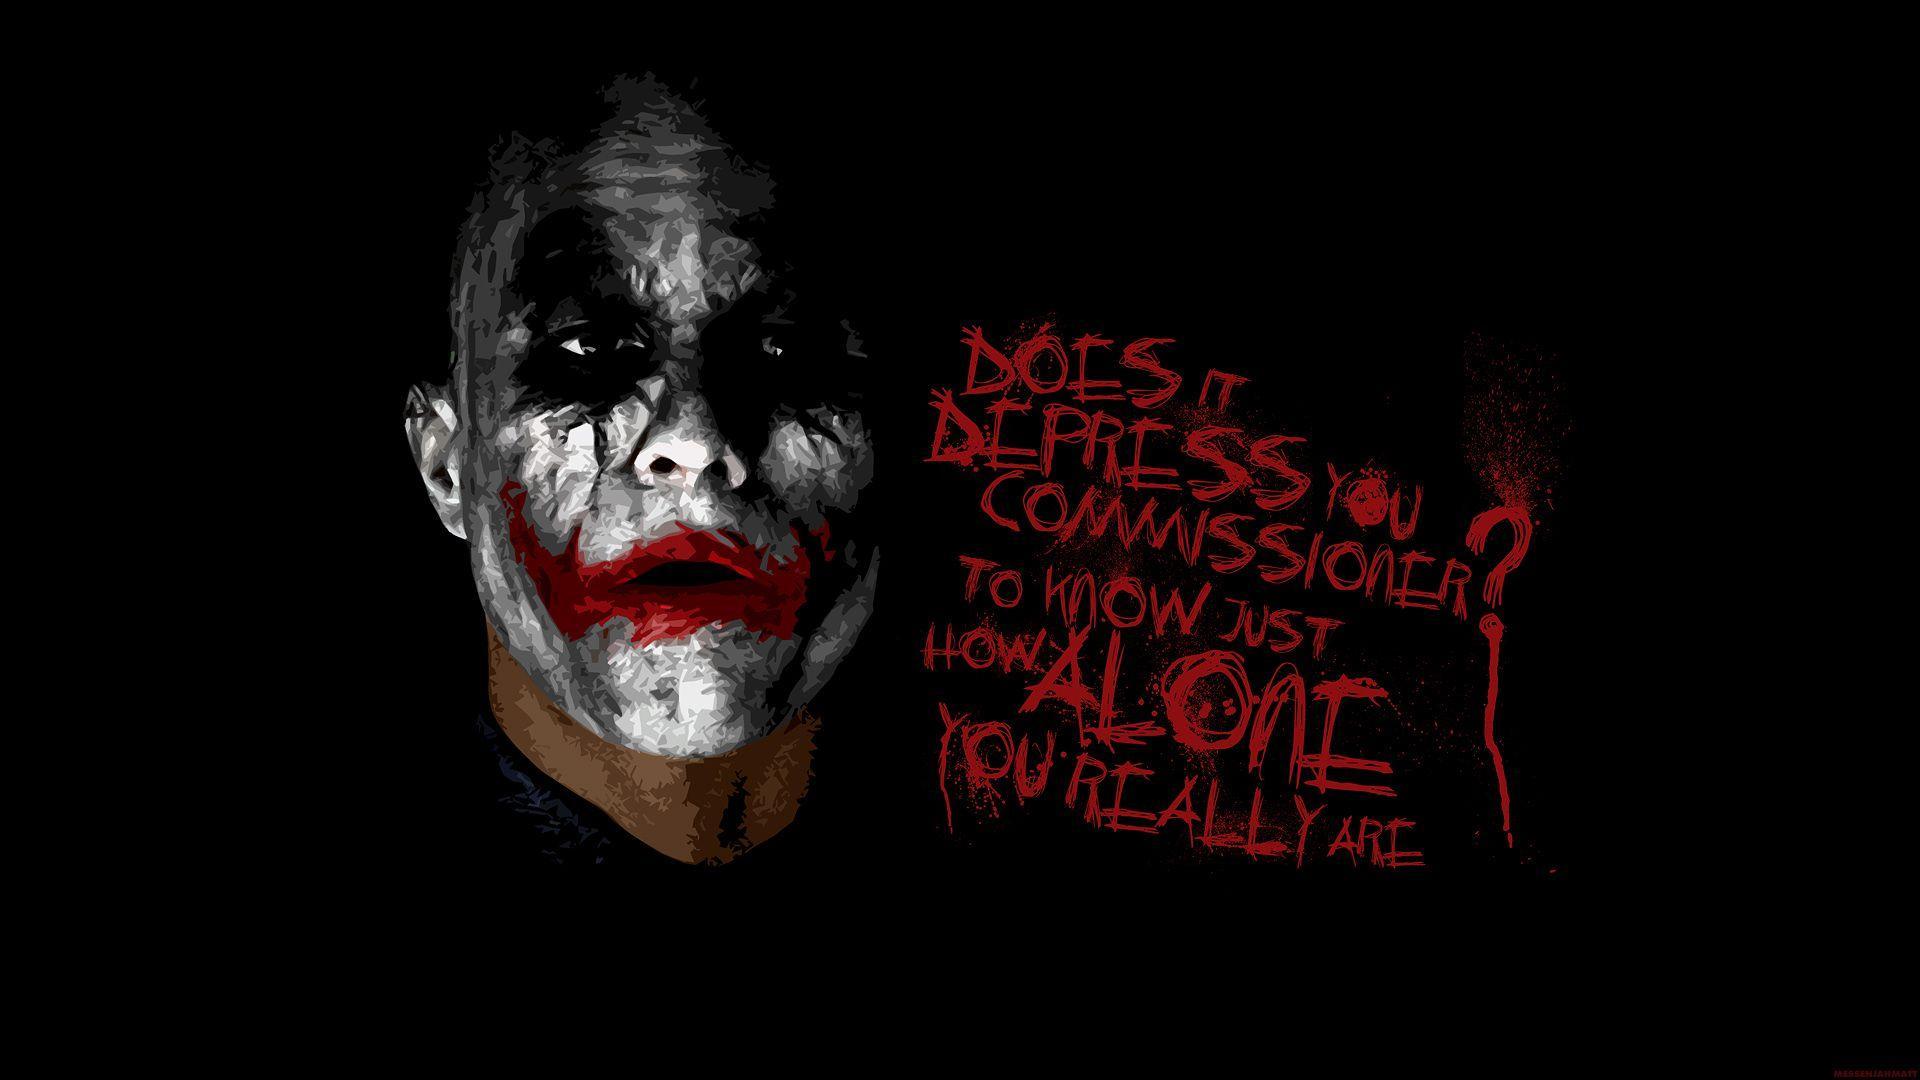 Cool Joker Wallpapers Top Free Cool Joker Backgrounds Wallpaperaccess